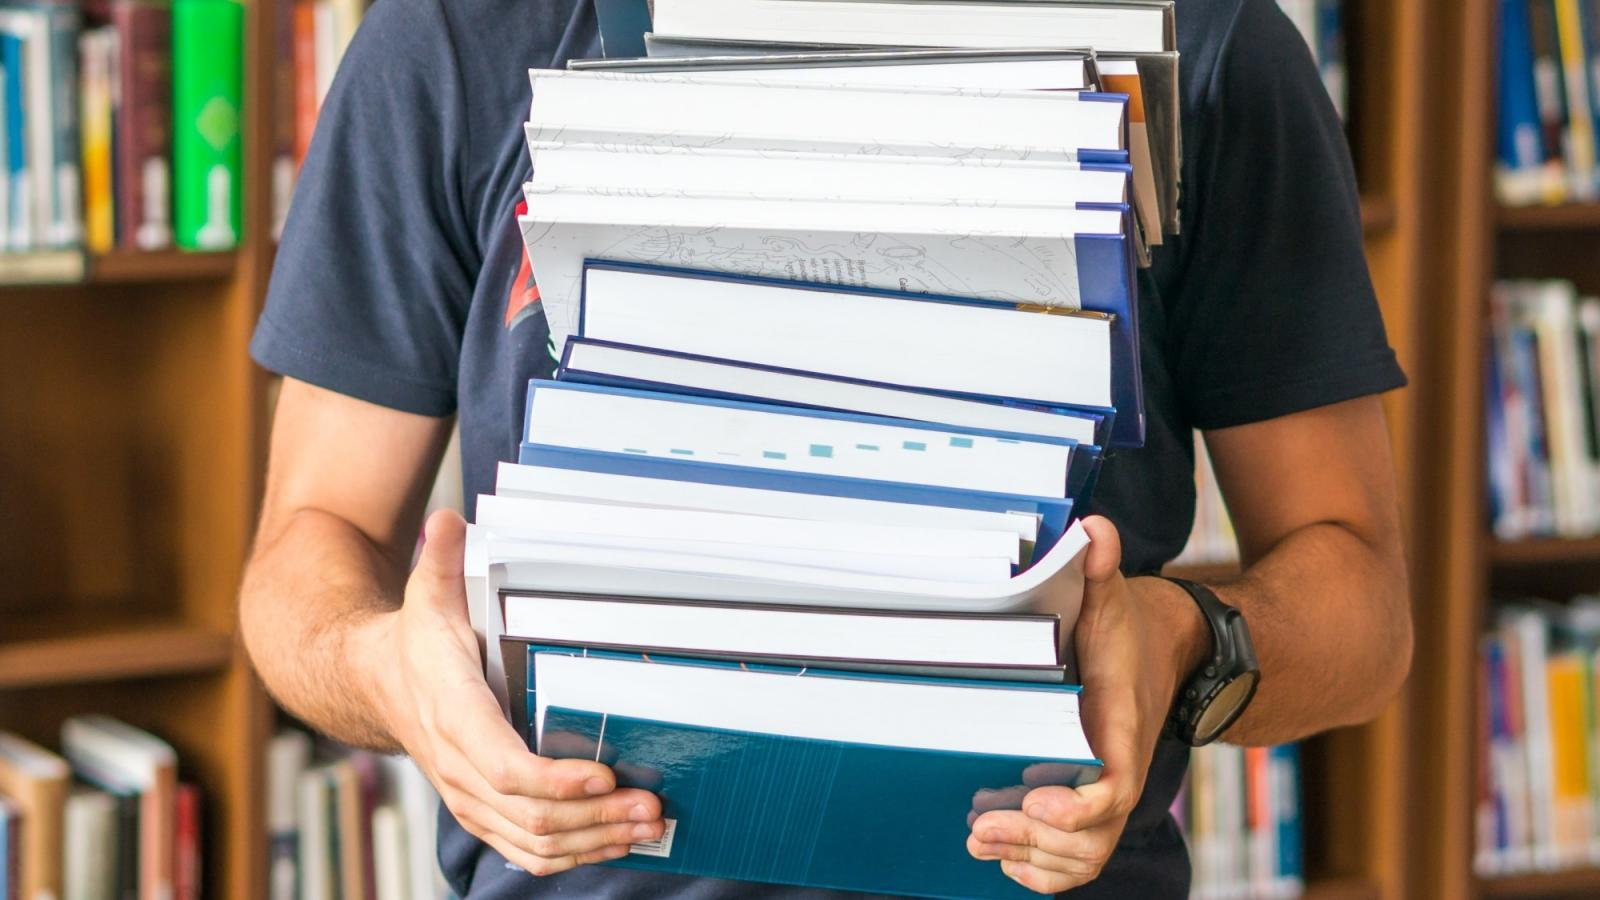 Вологжанин накупил книг на чужие деньги